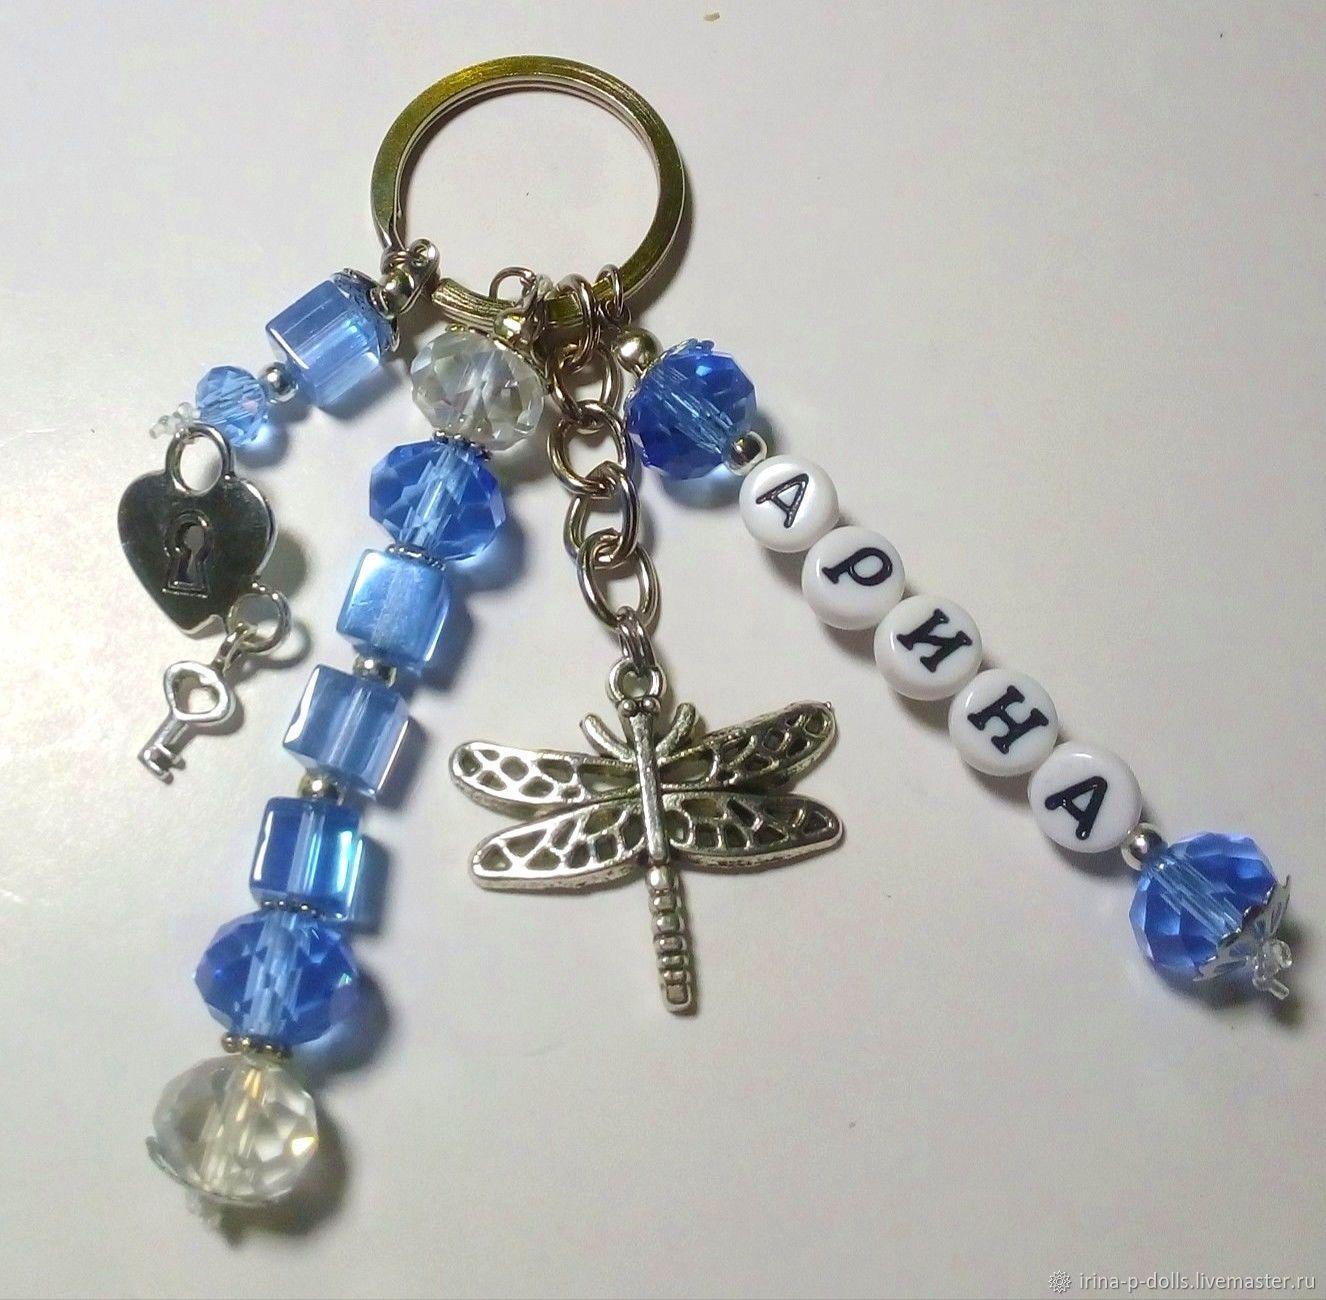 Брелок именной для ключей, Именные сувениры, Краснодар,  Фото №1